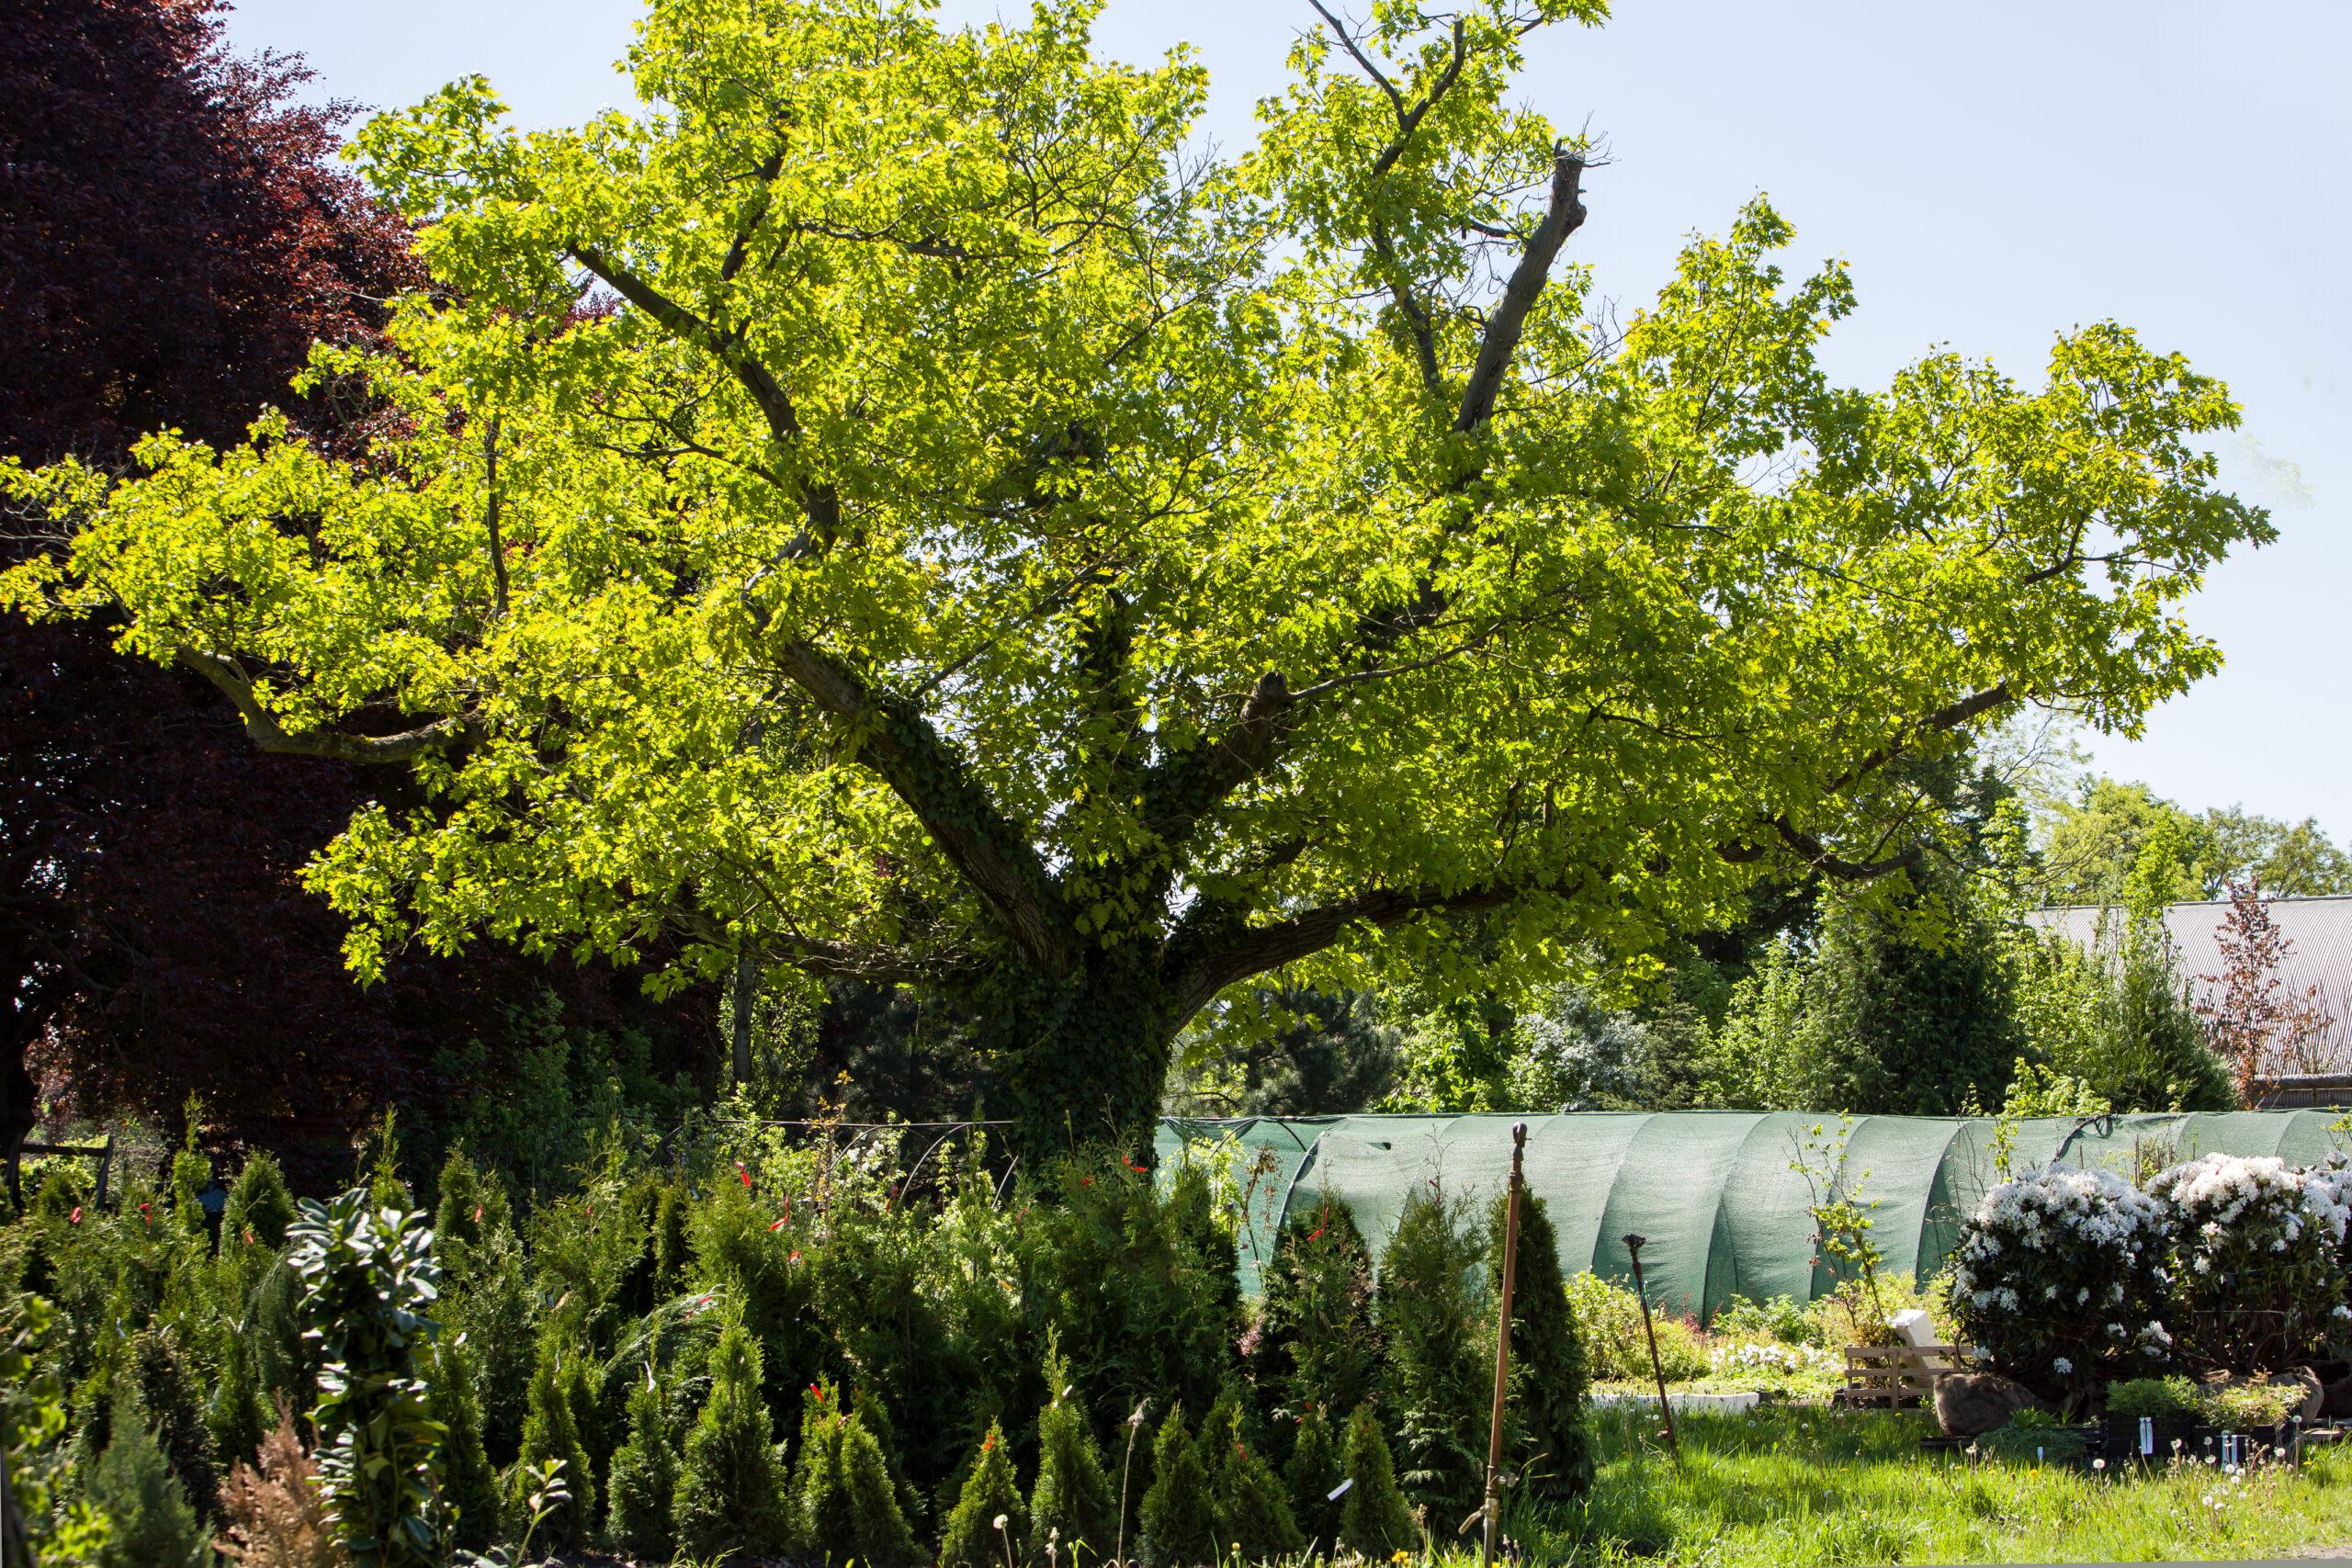 Späth'sche Baumschulen: Solitärbaum und Heckenpflanzen